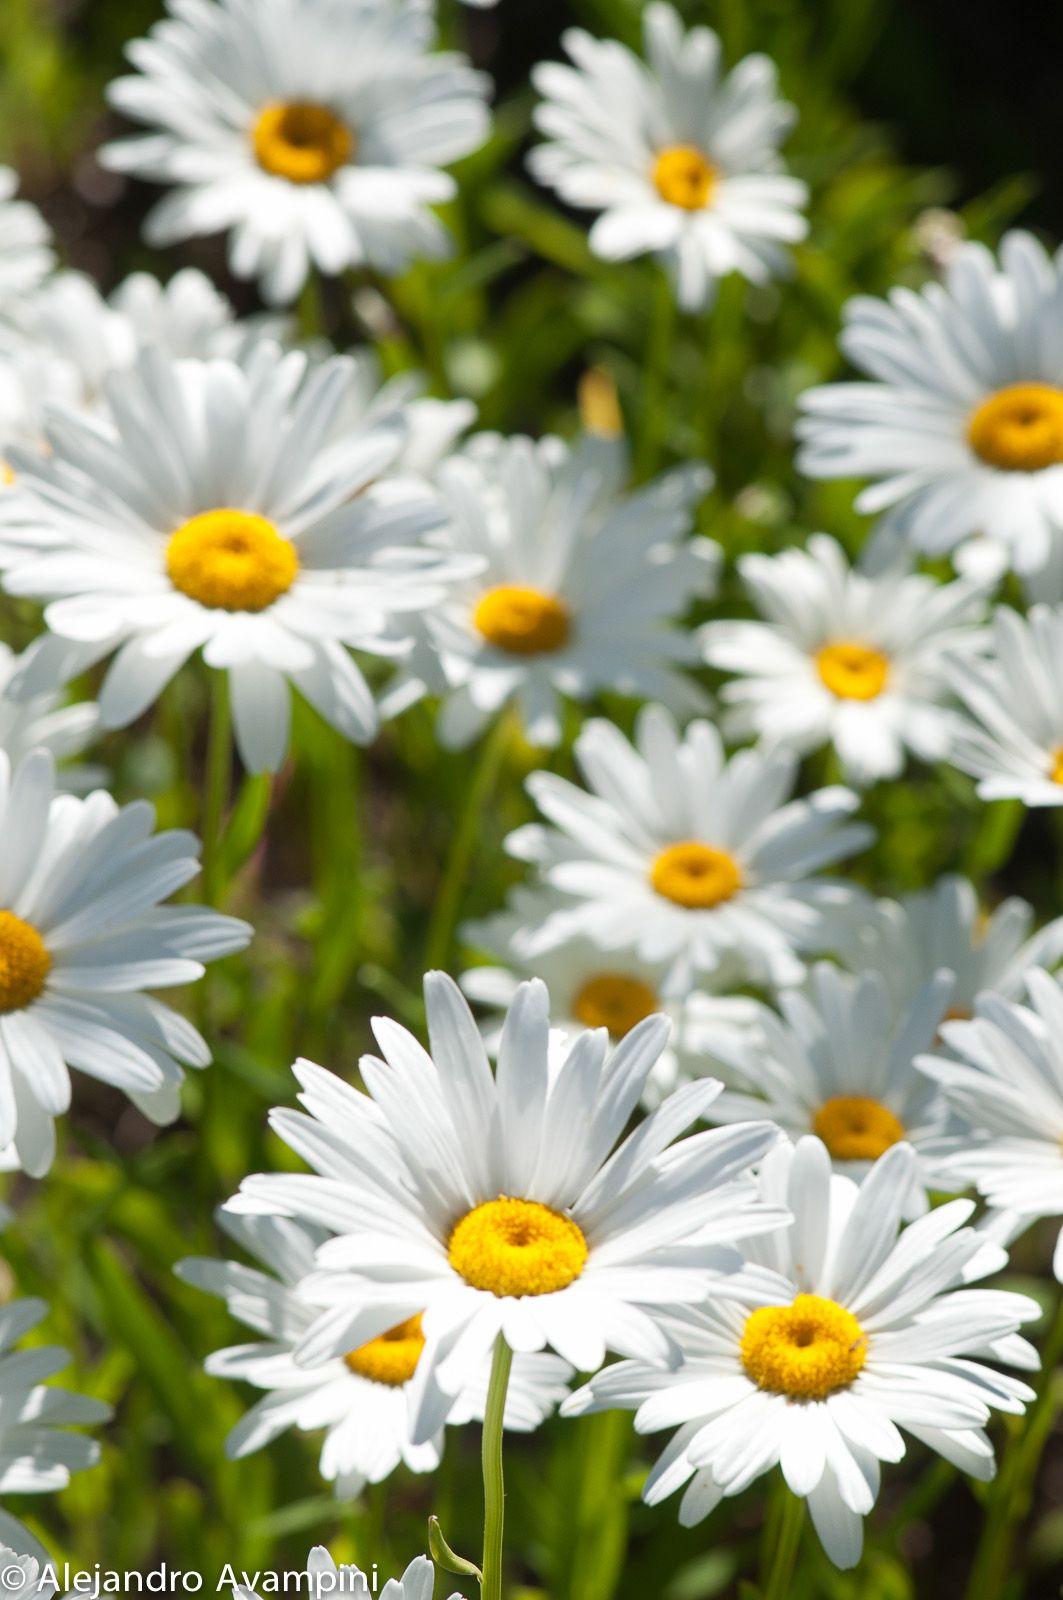 Margaritas en la primavera en villa la angostura patagonia margaritas en la primavera en villa la angostura patagonia argentina daisy flowersdaisiespastel izmirmasajfo Gallery